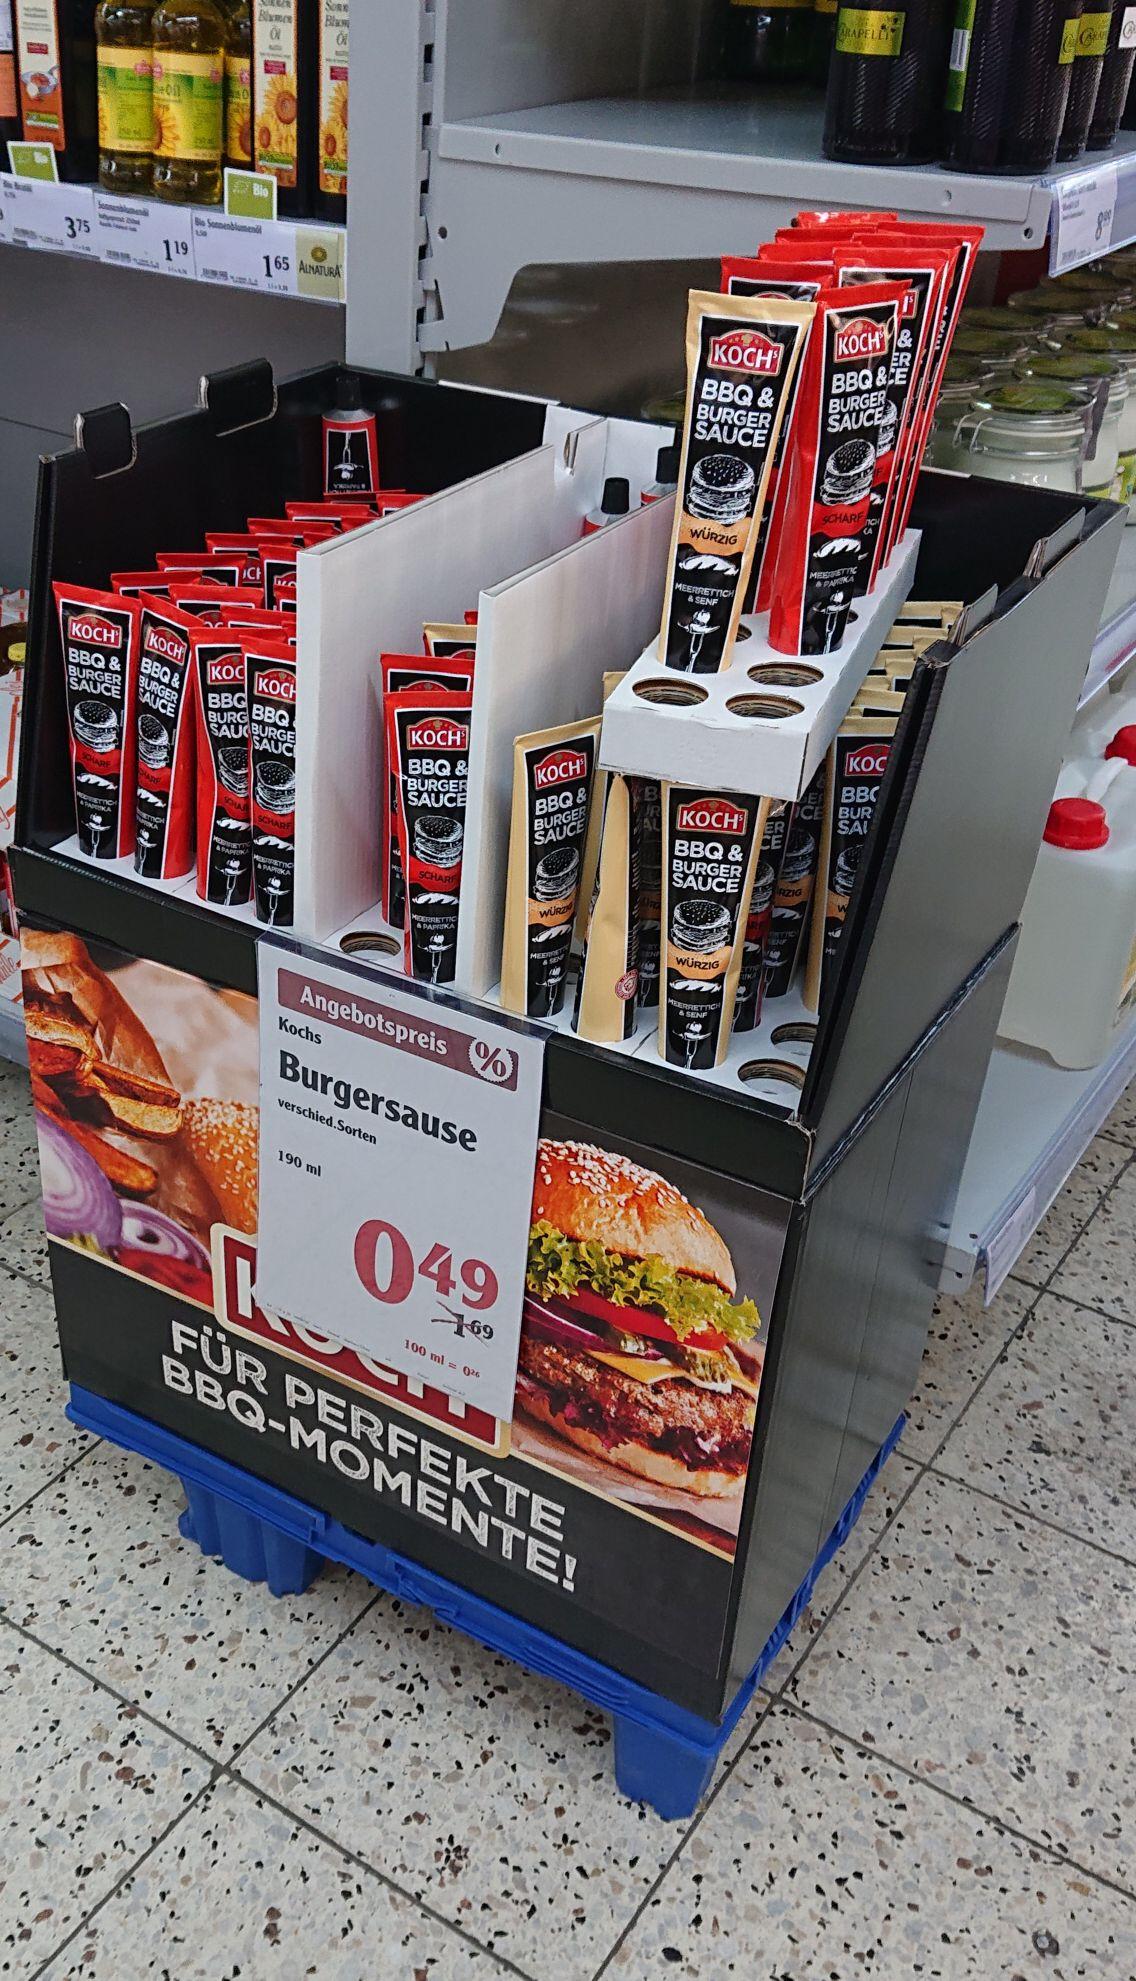 Lokal Globus Erfurt Kochs BBQ & Burger Sauce